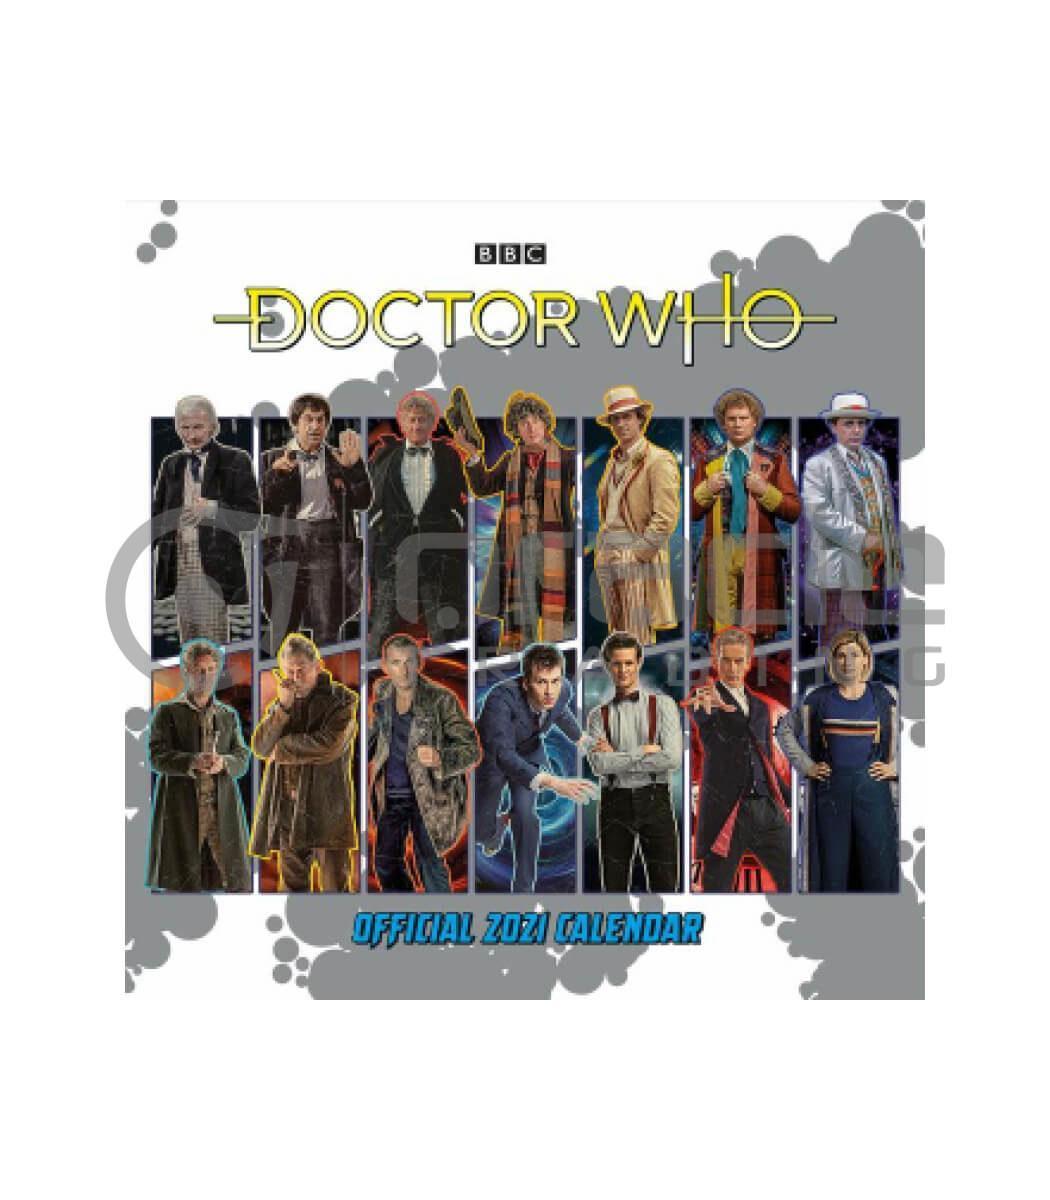 Doctor Who 2021 Calendar